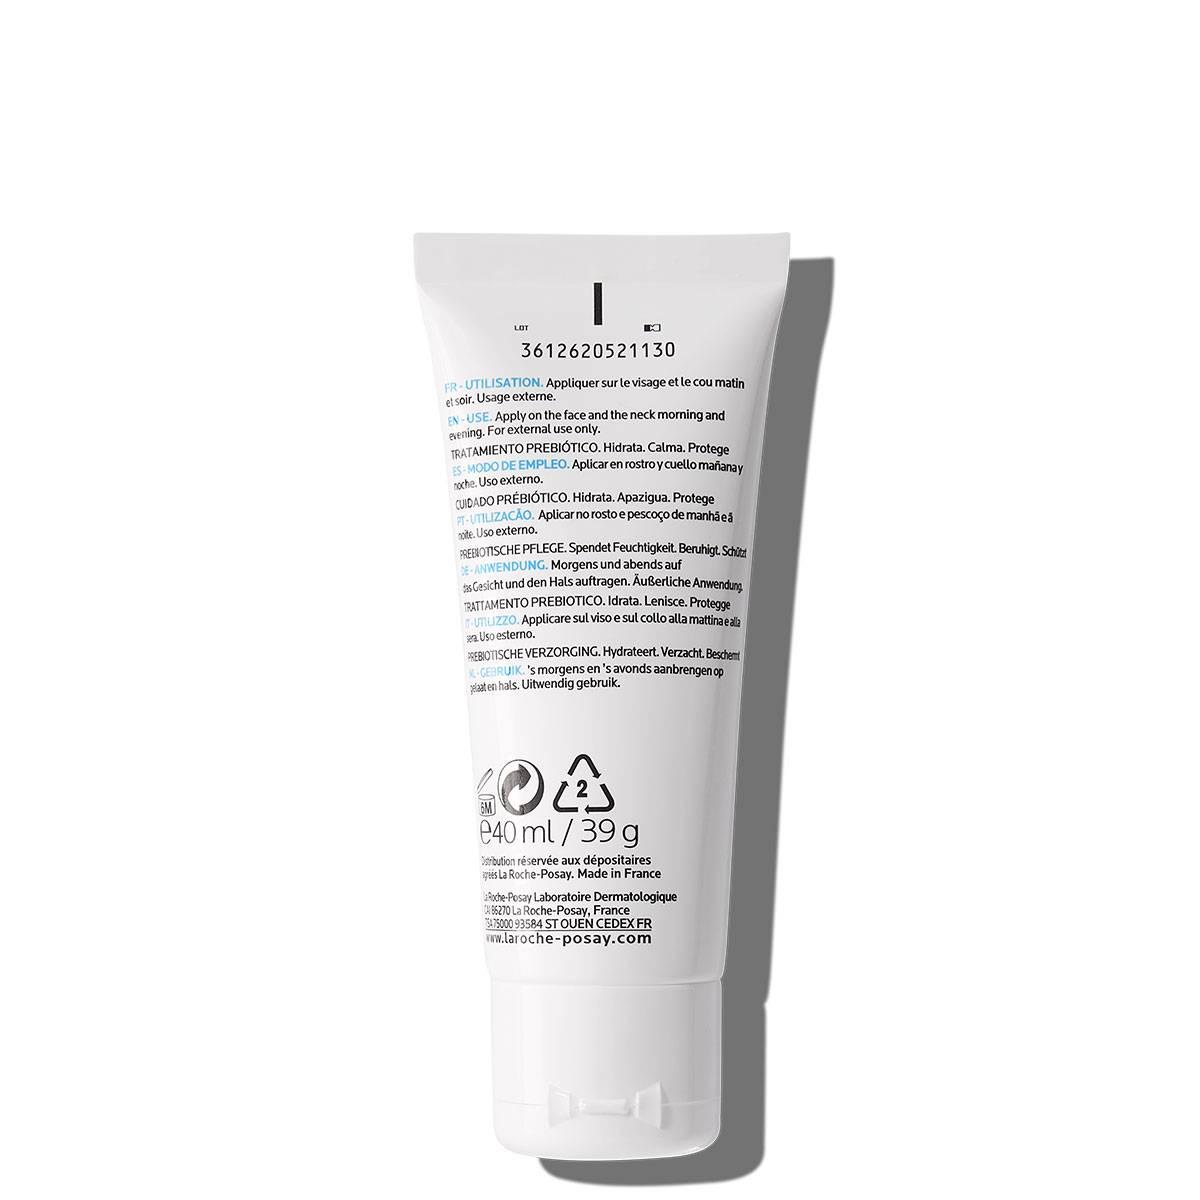 La Roche Posay TermékOldal Érzékeny Allergiára Hajlamos Bőr Toleriane Sensitive